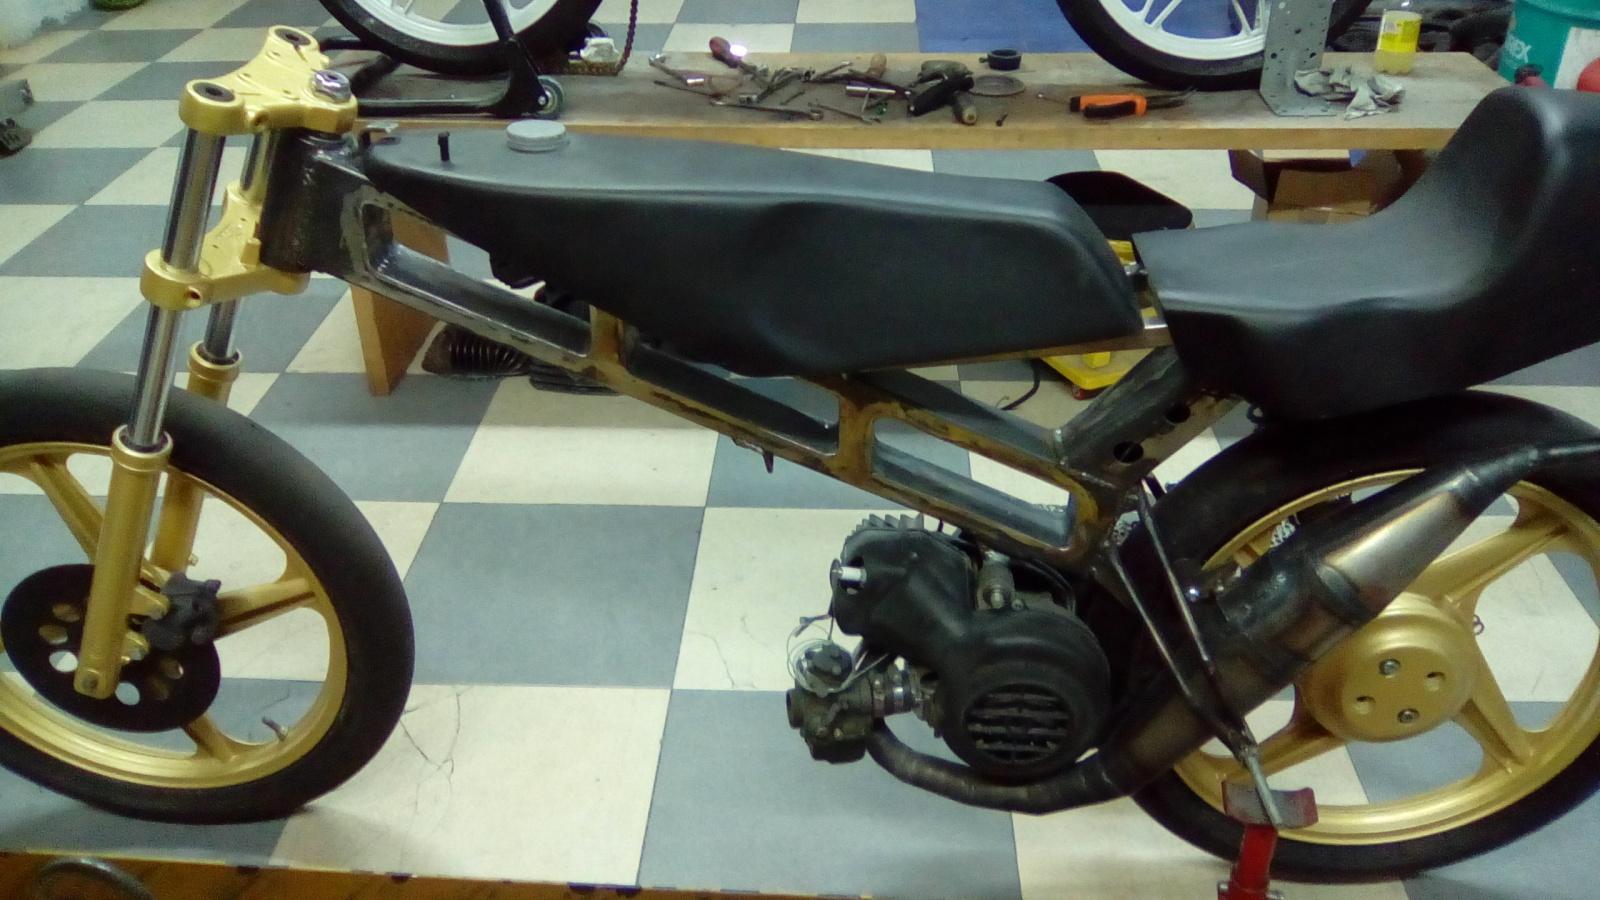 Proyecto Vespino de 65 cc. de Velocidad. - Página 4 Zxl3sk